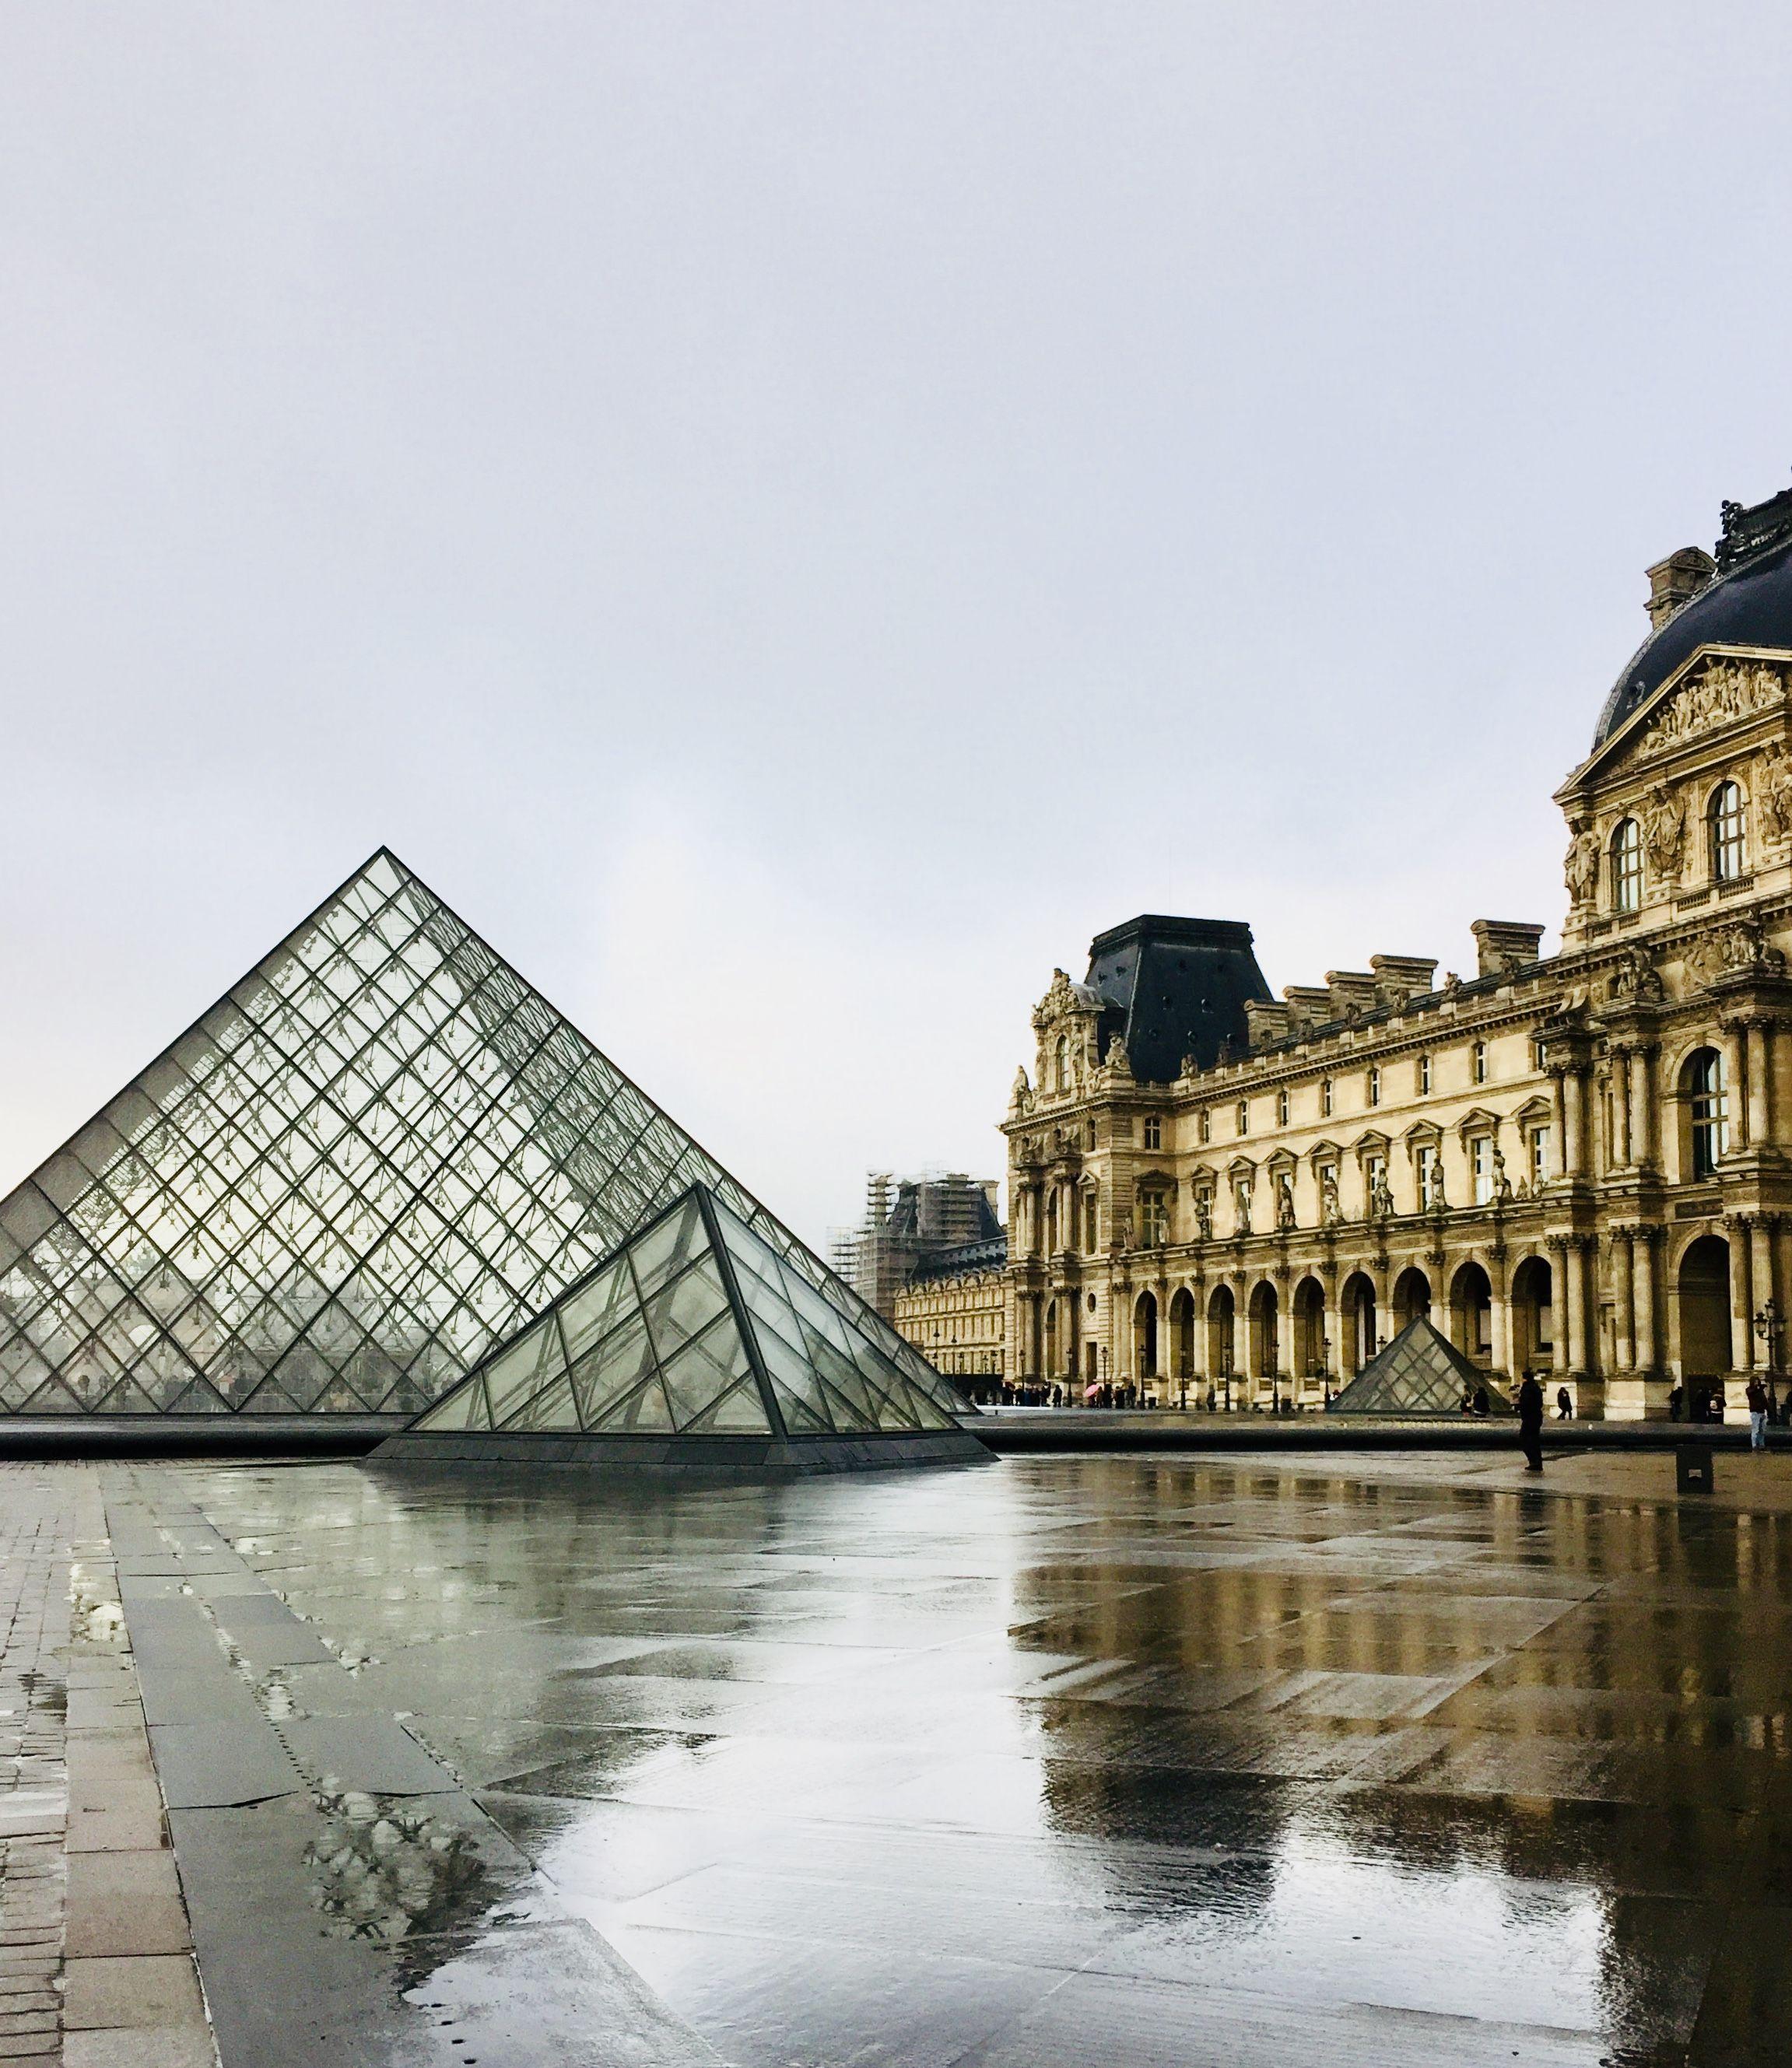 Louvre Museum Paris France Pinterest Xpolaroid Vacation France Tour Eiffel Arc De Triomphe